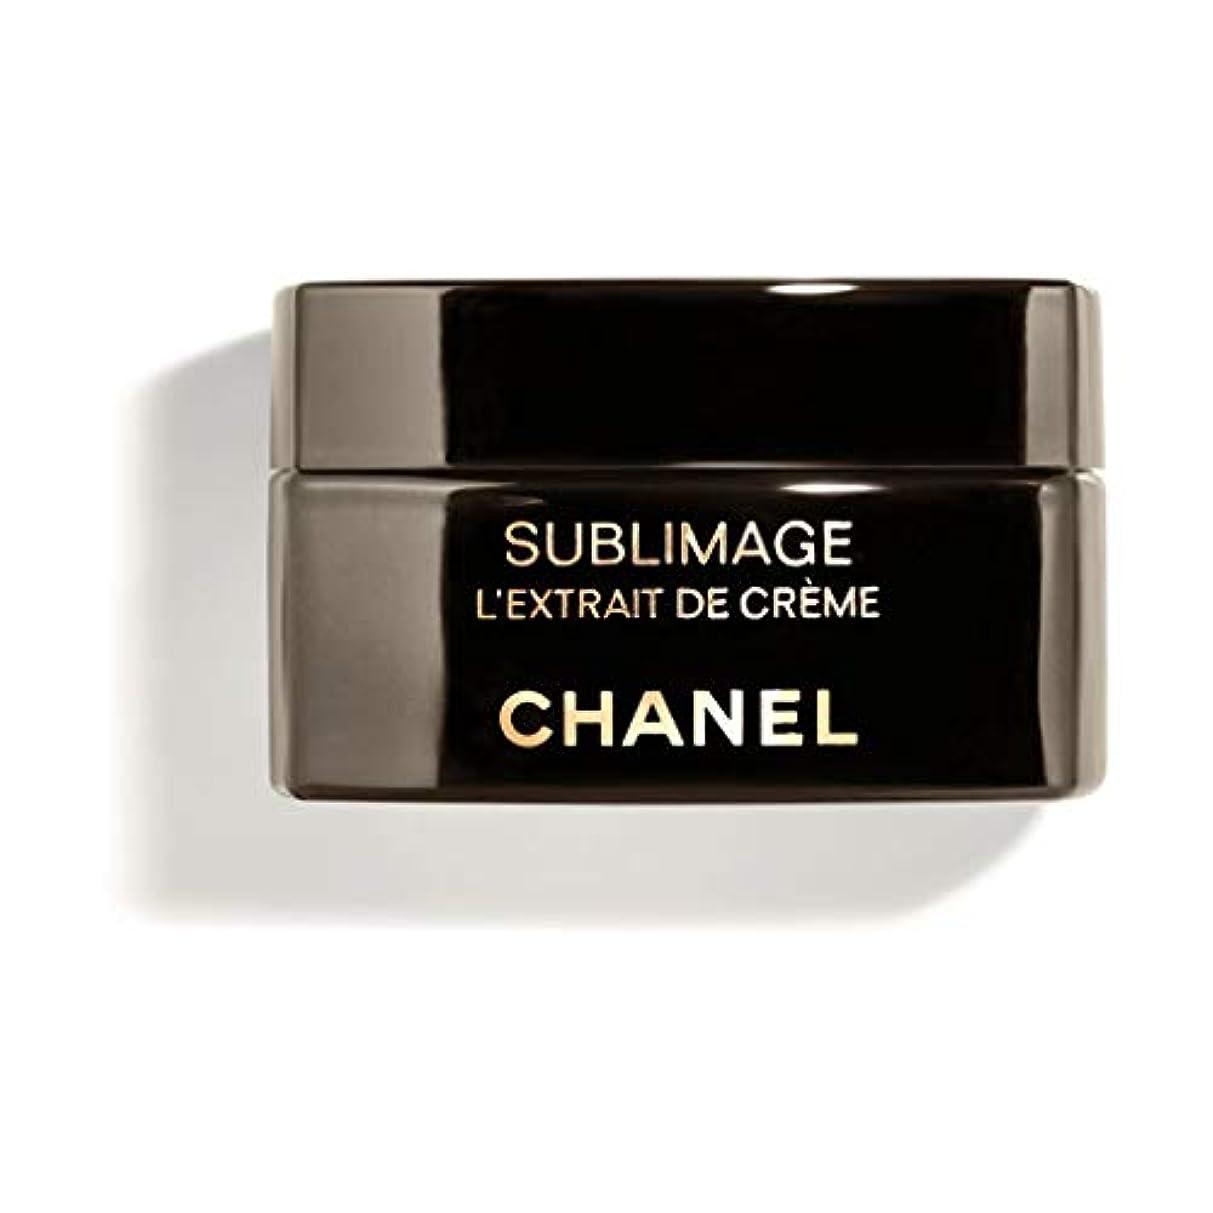 つかの間なだめるレタッチCHANEL(シャネル) SUBLIMAGE L EXTRAIT DE CREME サブリマージュ レクストレ ドゥ クレーム 50g